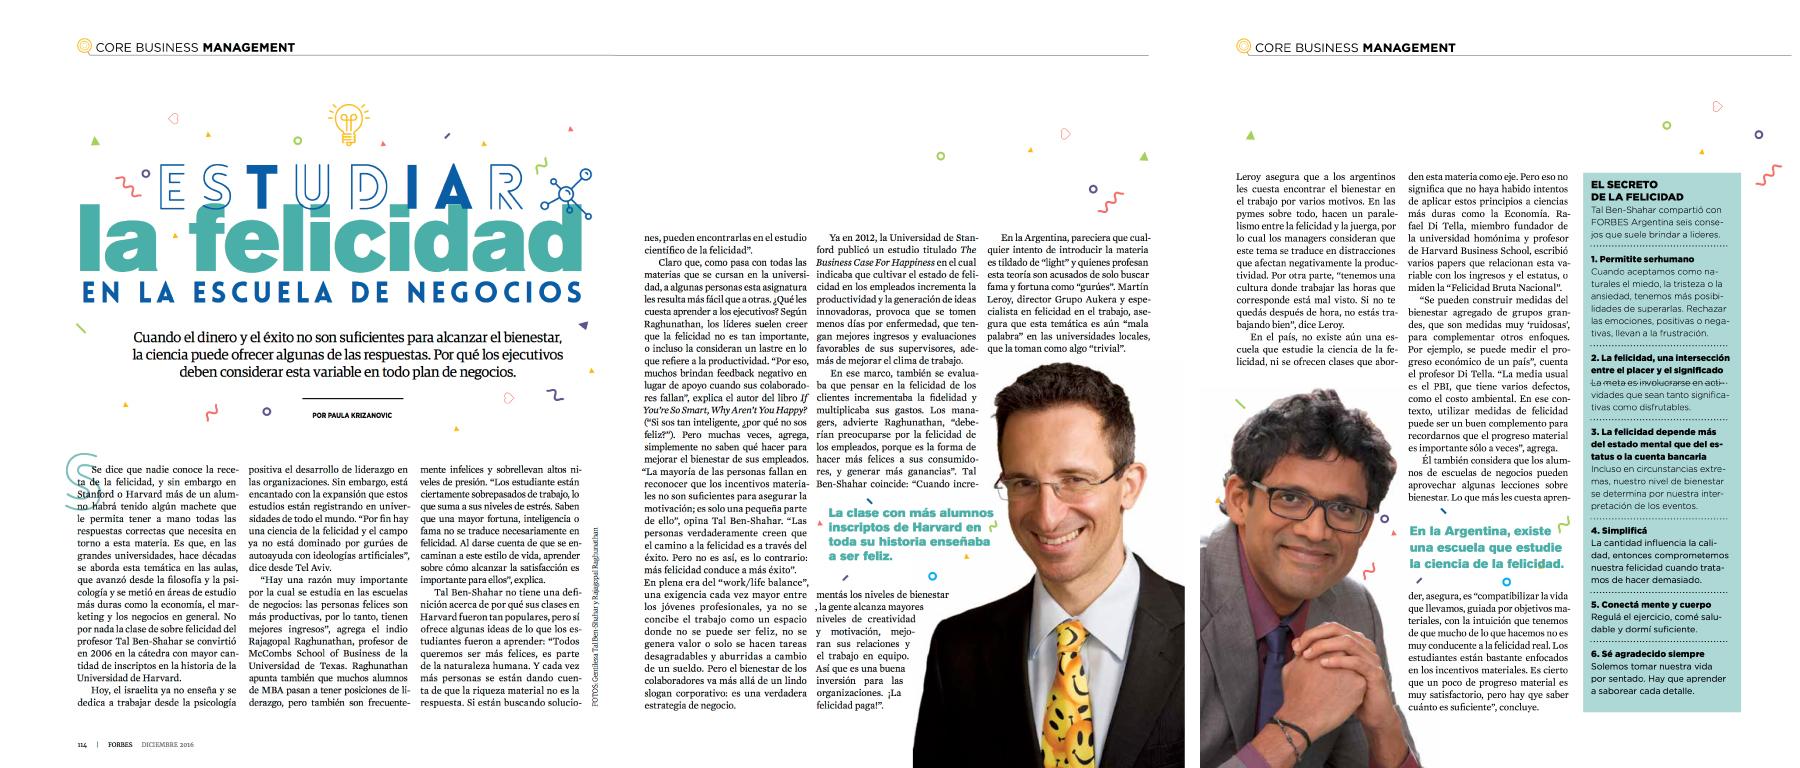 Nota Revista Forbes Argentina - Diciembre 2016   Ver Nota